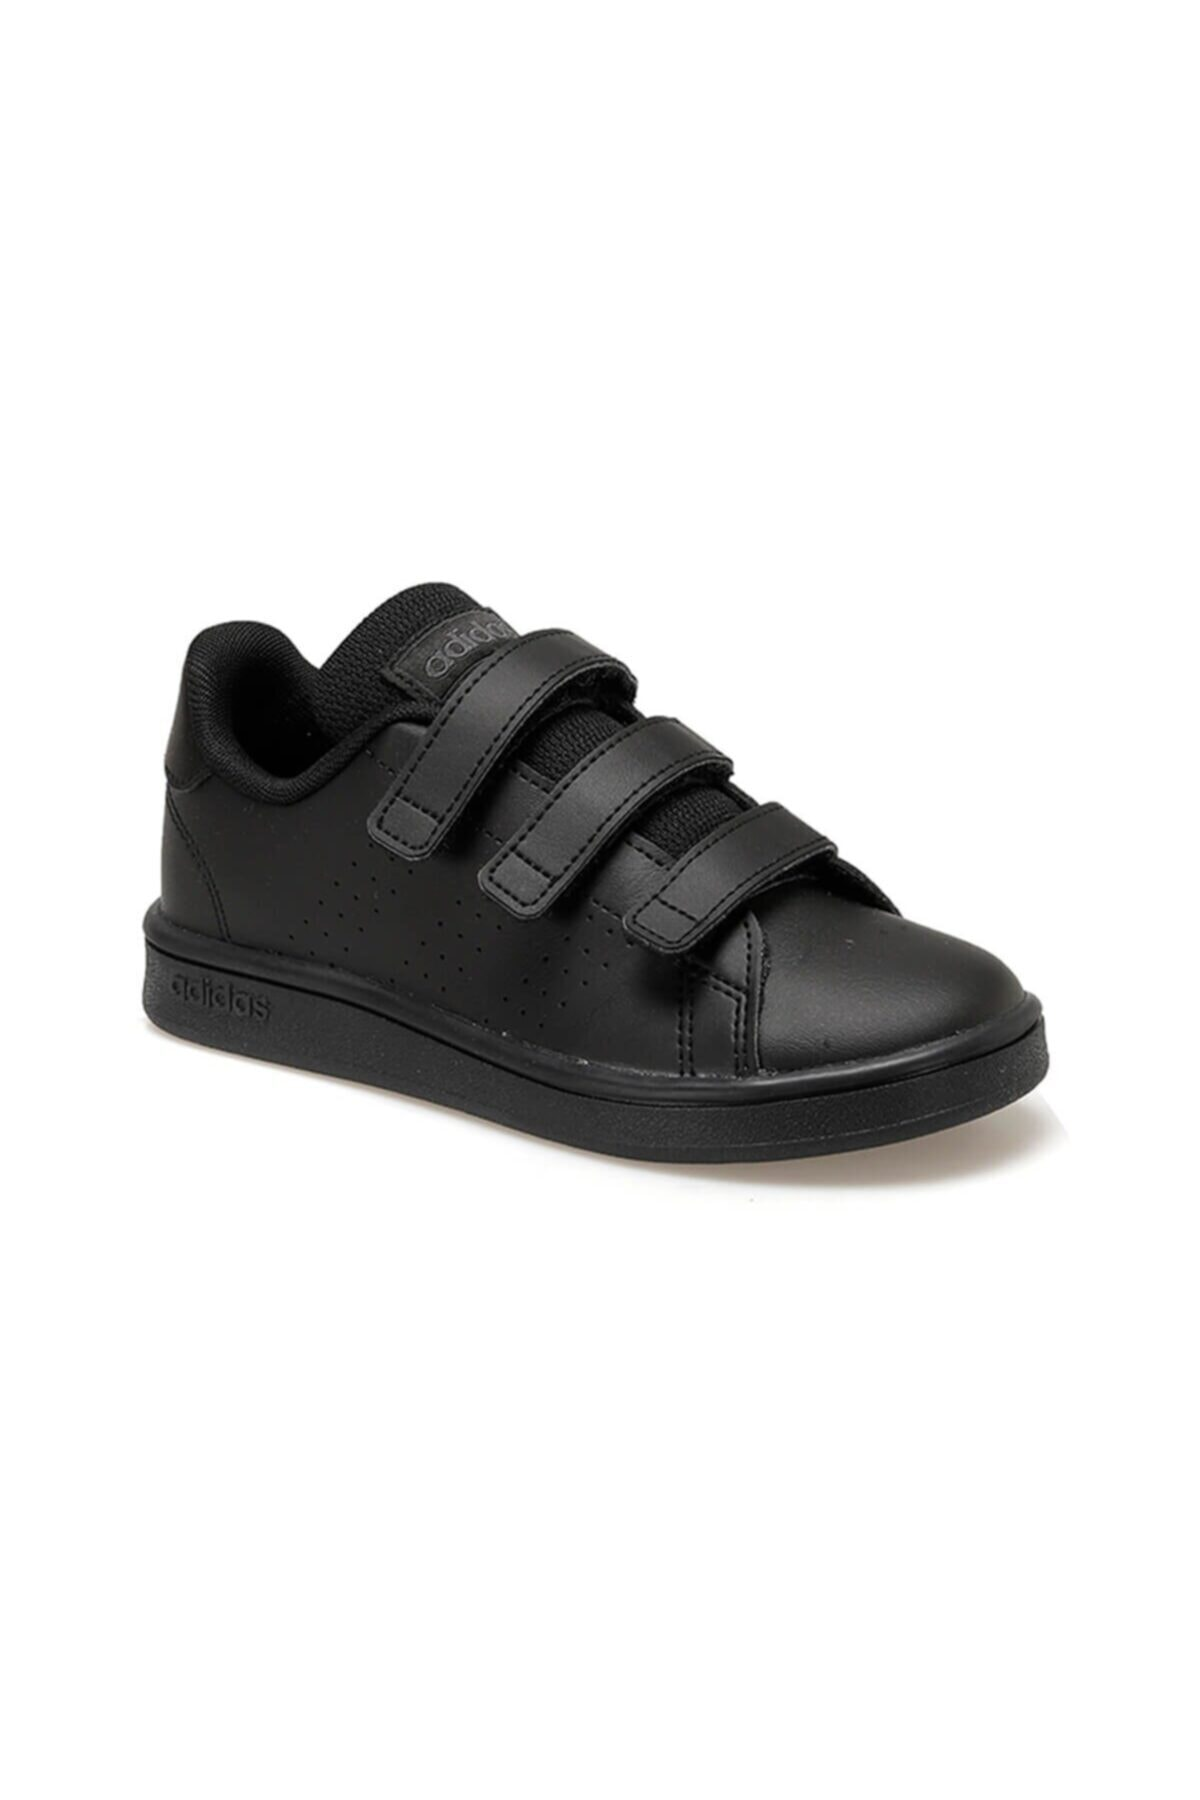 adidas ADVANTAGE Siyah Unisex Çocuk Sneaker Ayakkabı 100481990 1